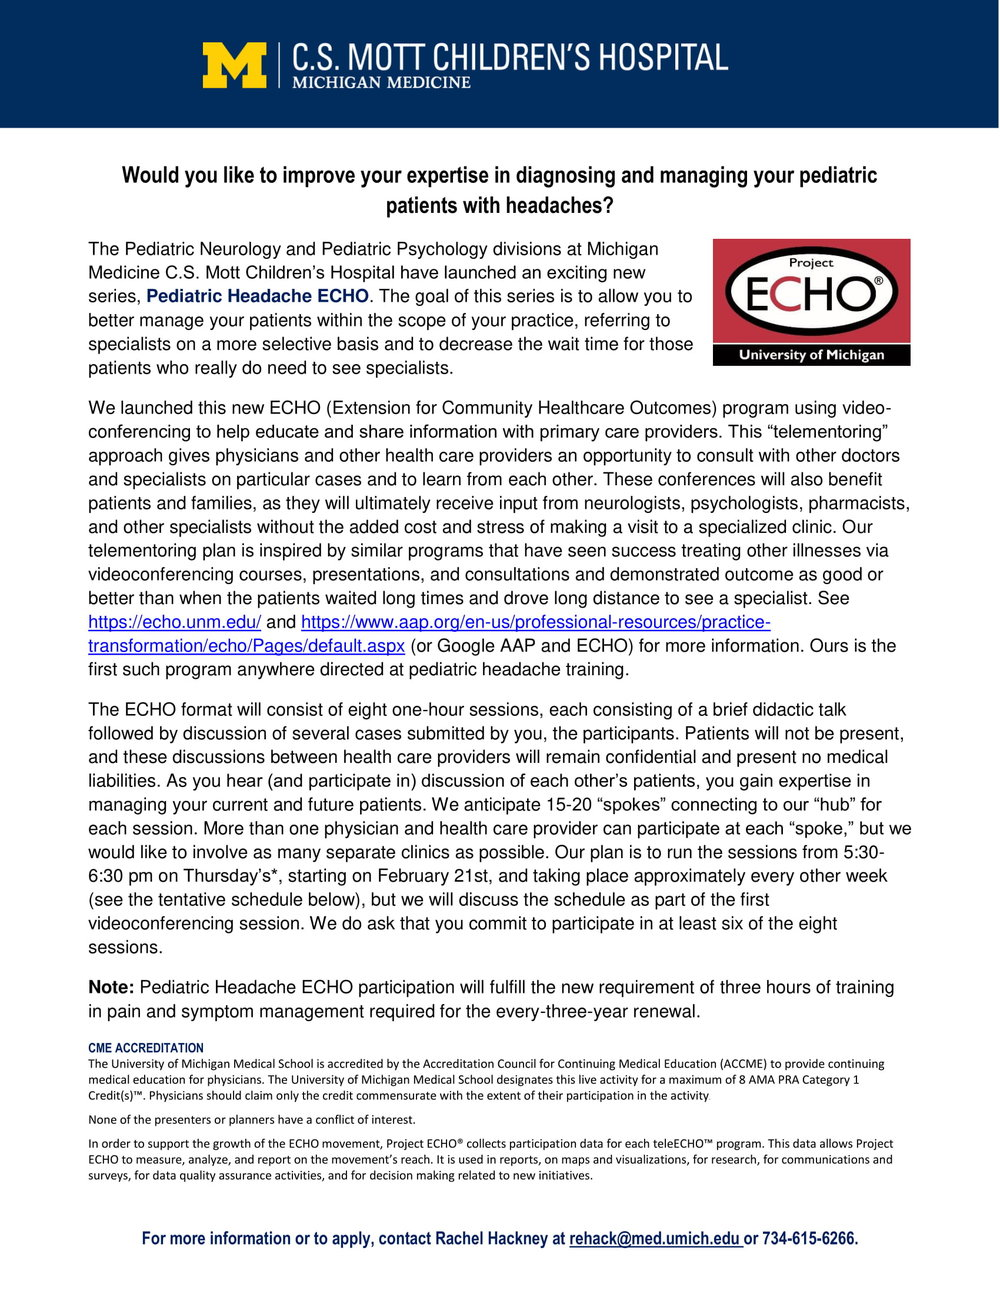 Pediatric ECHO Headache Program 3 - info sheet-1.jpg